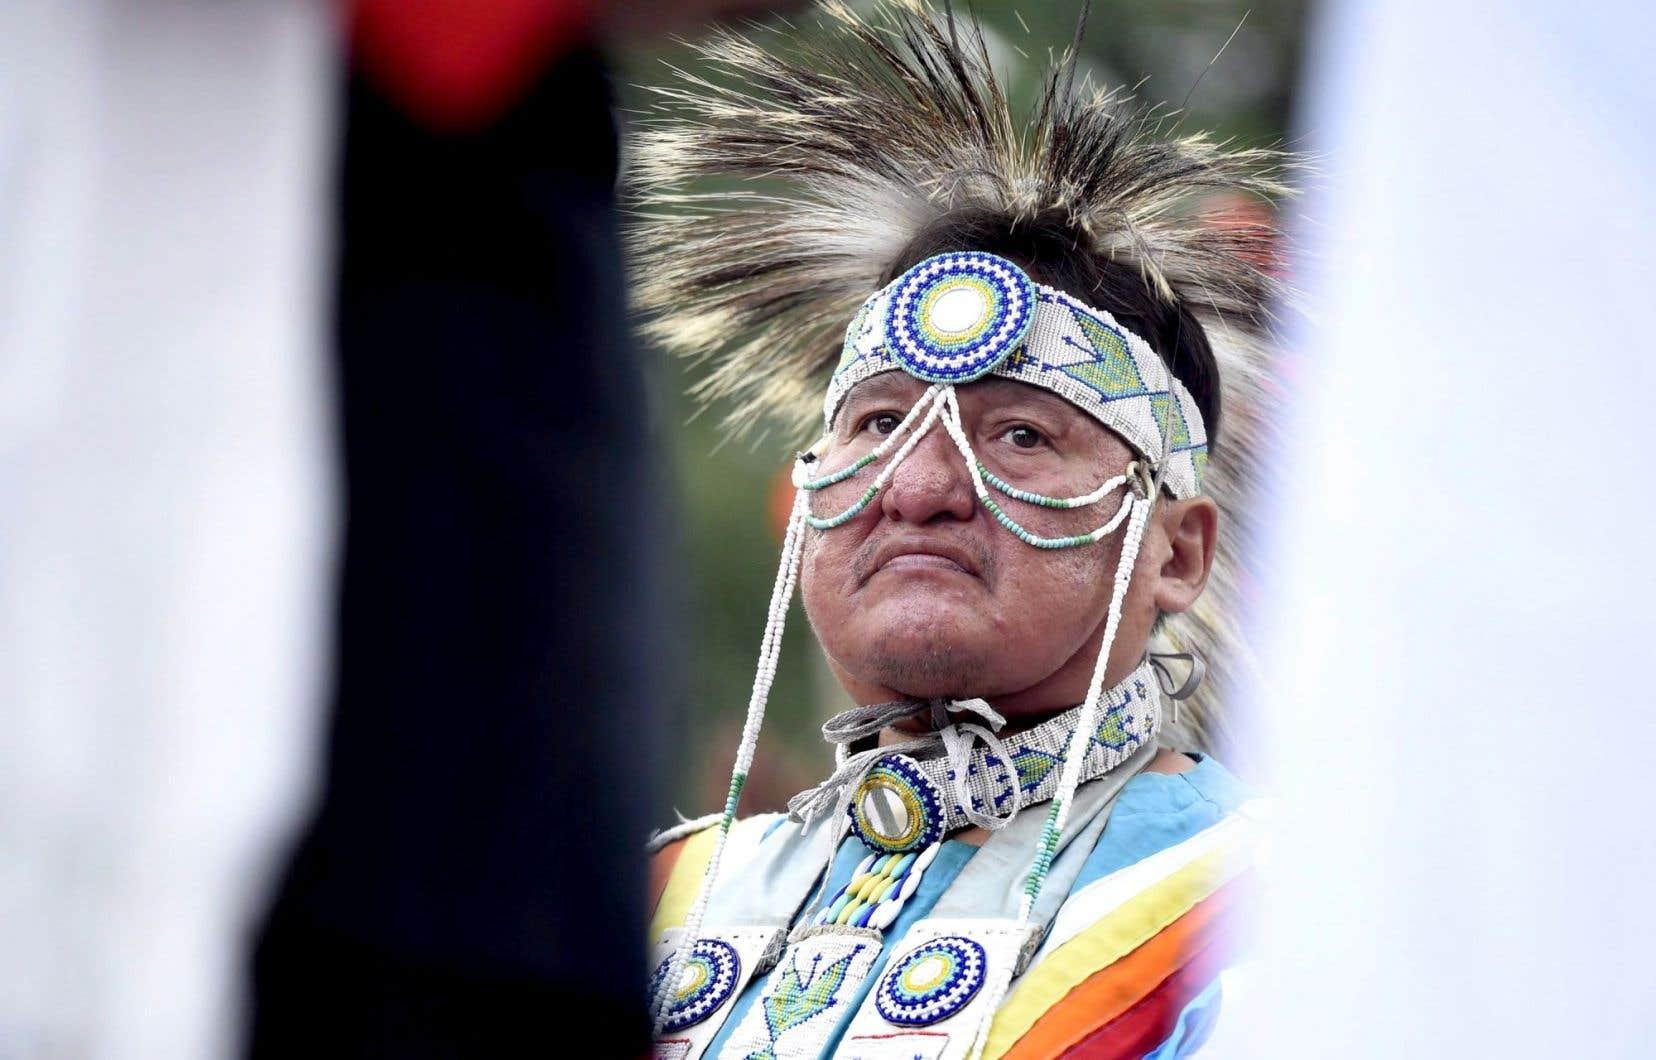 Un membre d'une tribu sioux du Dakota, Robert Ironshield Jr., participant à une manifestation d'opposants au projet d'oléoduc d'Enbridge